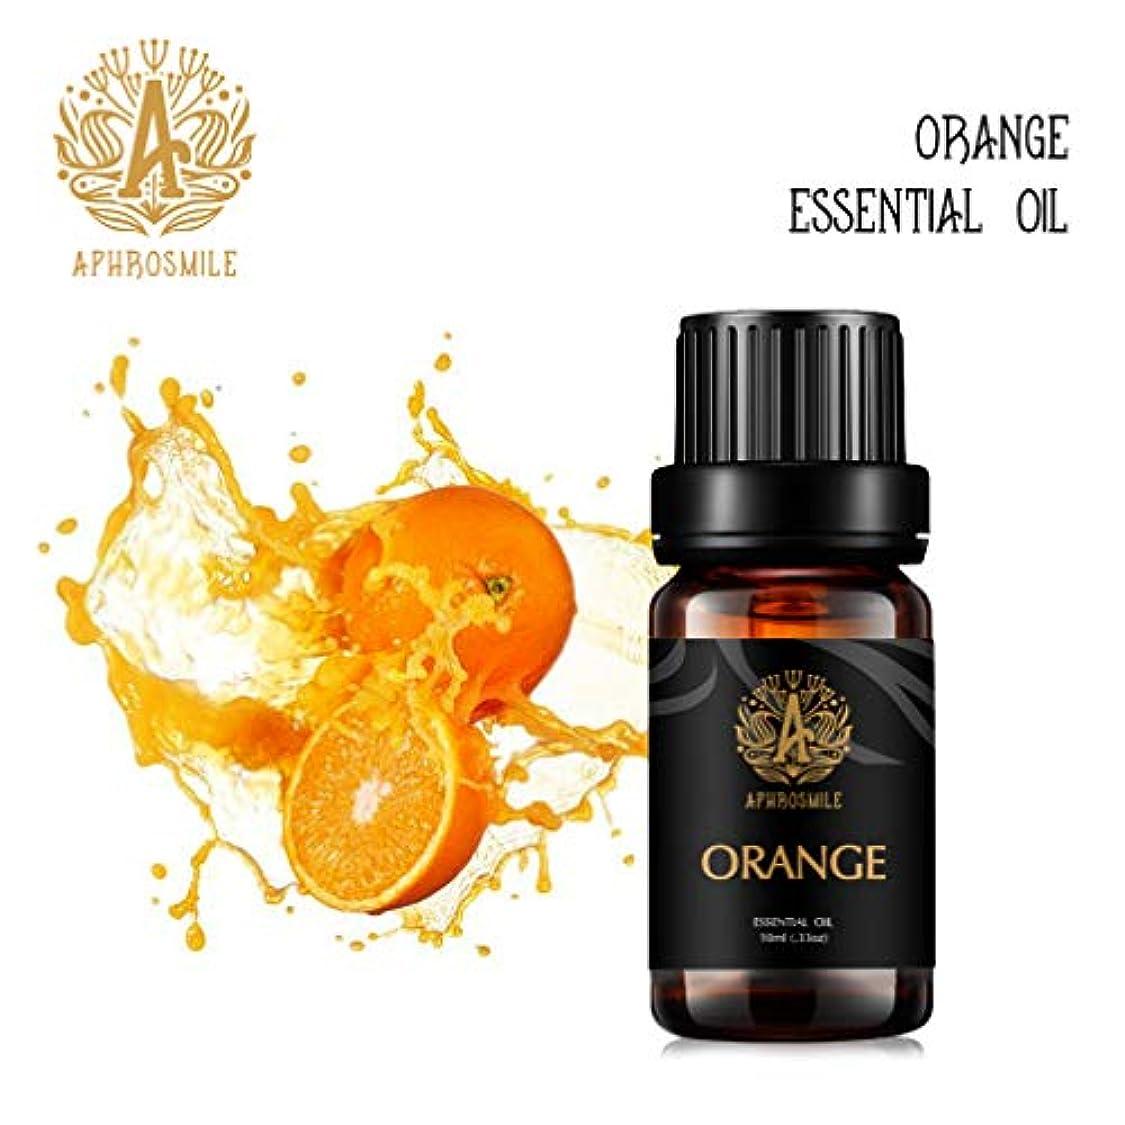 直感推定代替ディフューザー用アロマセラピーオレンジエッセンシャルオイル、加湿器用100%ピュアオレンジエッセンシャルオイルフレグランス、治療グレードのオレンジエッセンシャルオイルはマッサージに使用されます。家庭用0.33oz-10ml